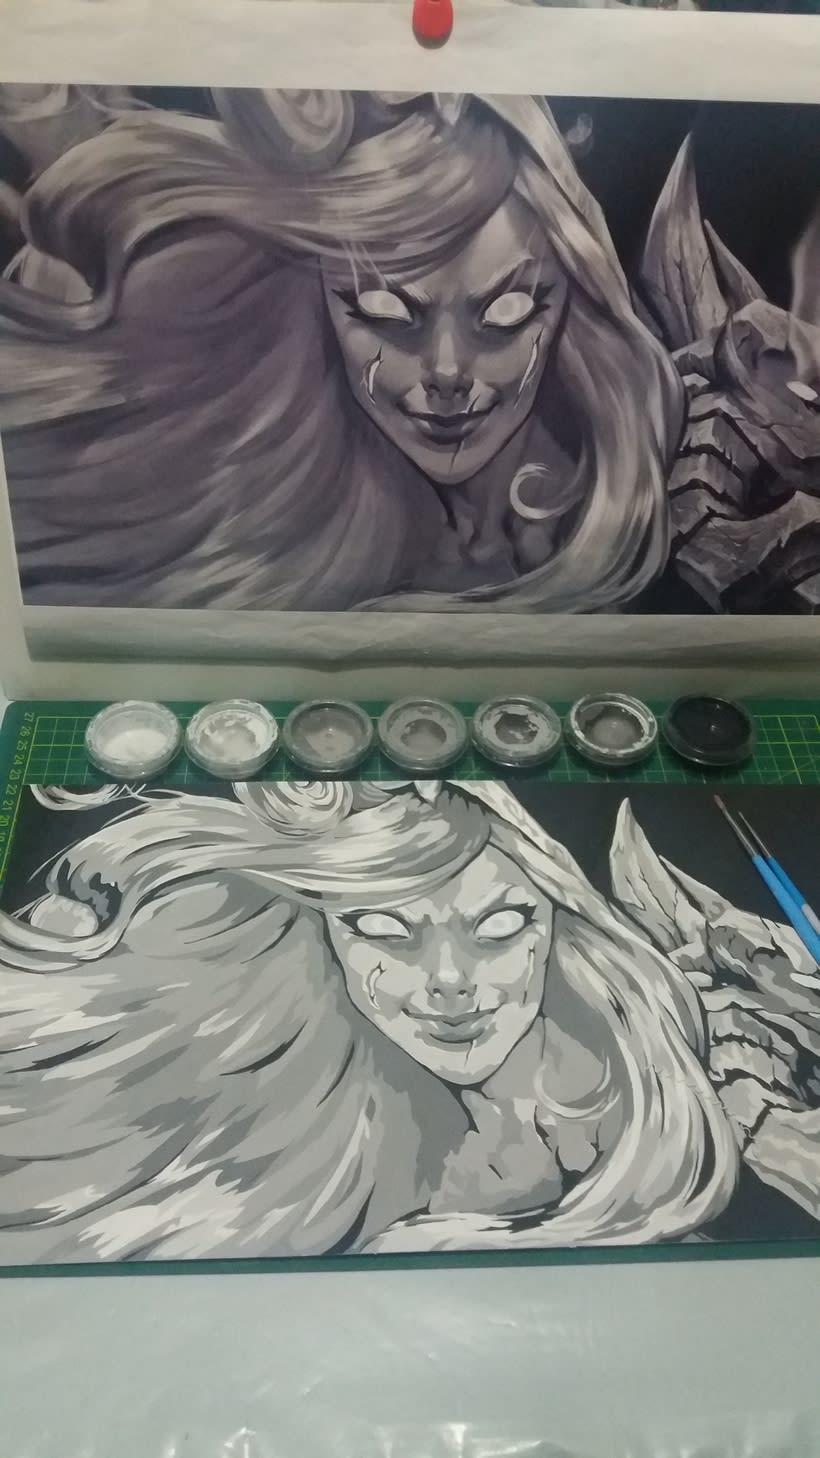 Pintado escala de grises 0